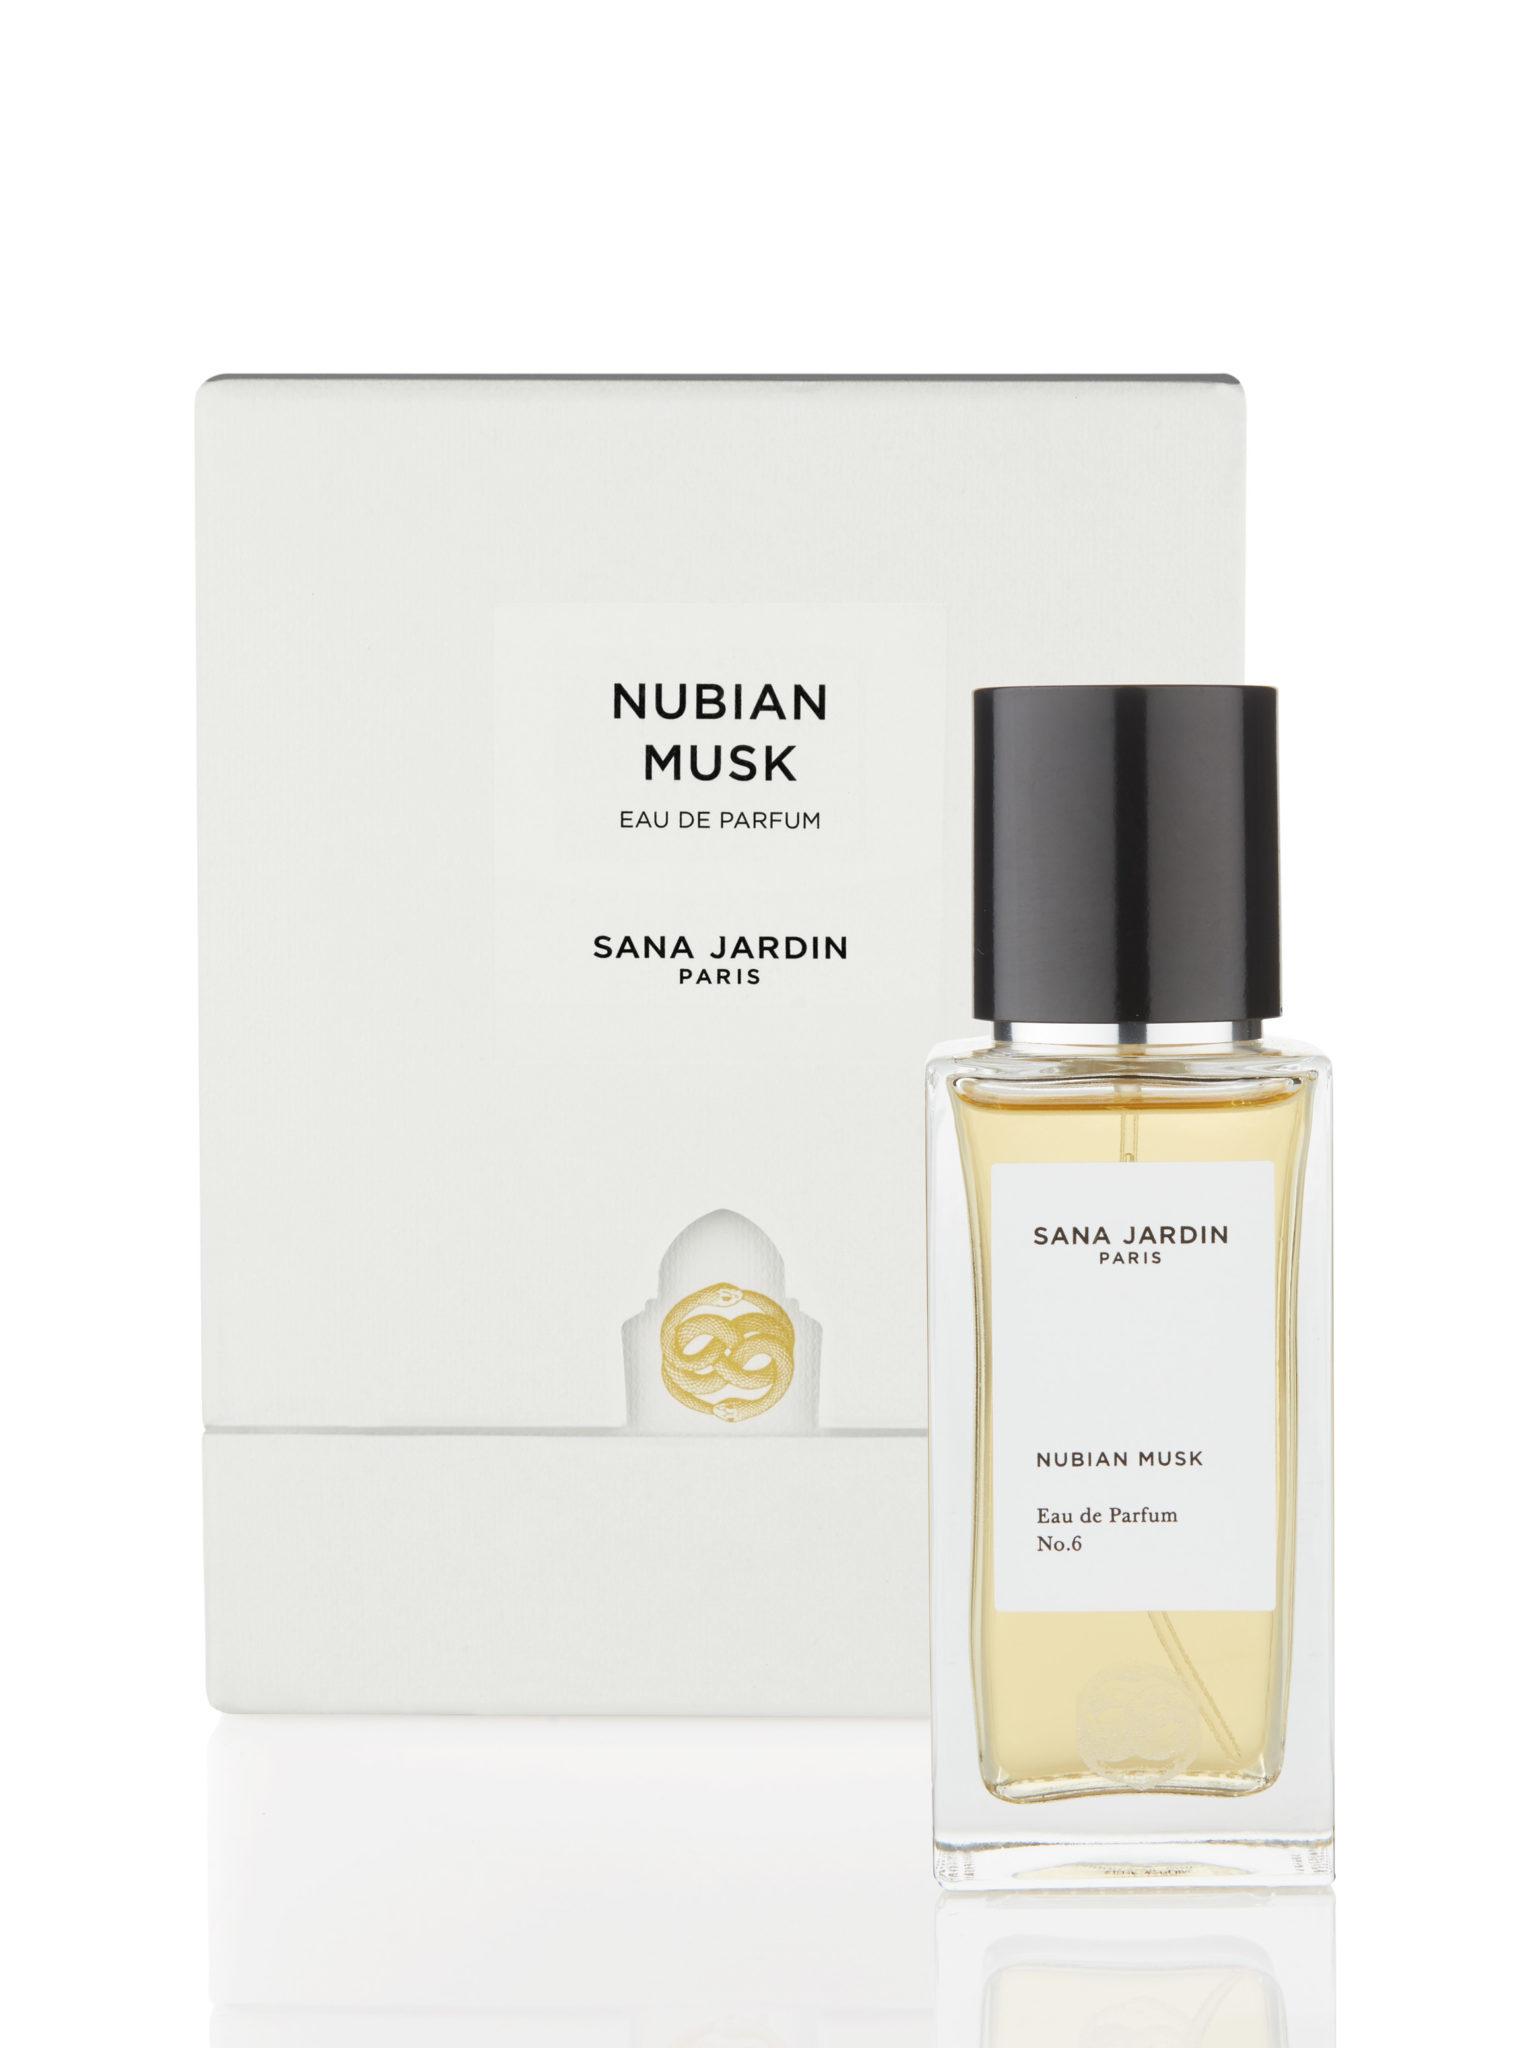 NUBIAN_MUSK_BOX__BOTTLE